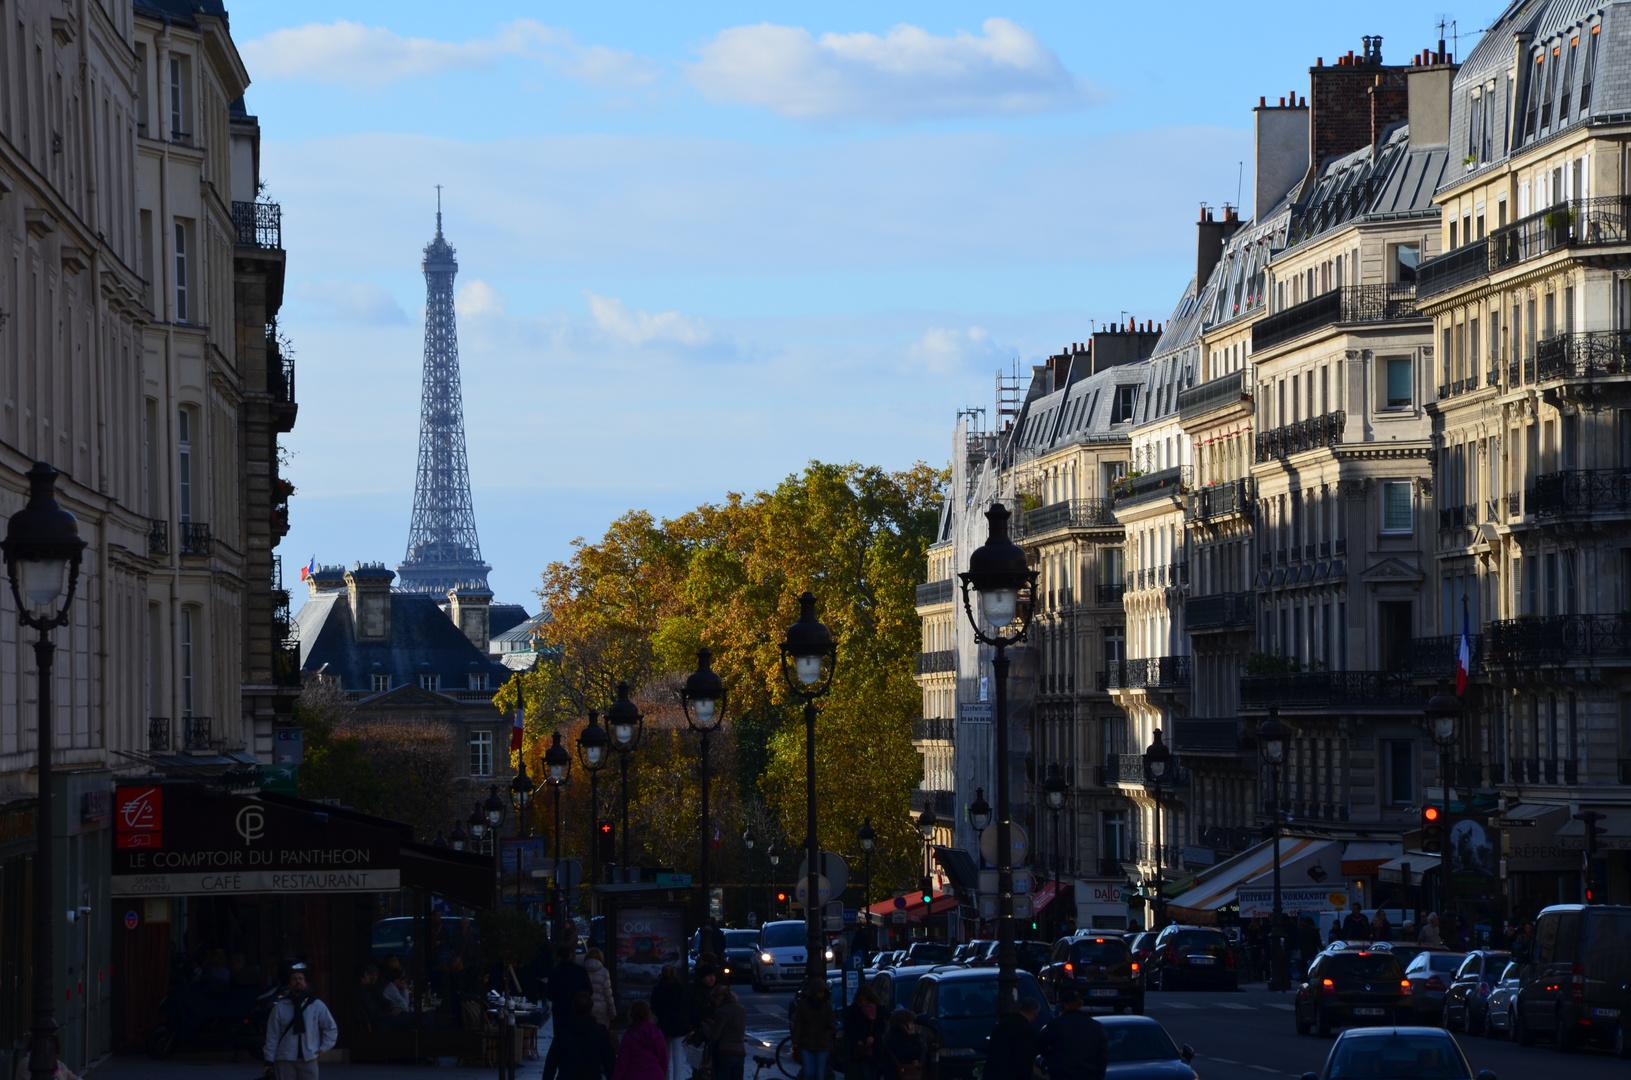 Der erste Blick auf den Eiffelturm